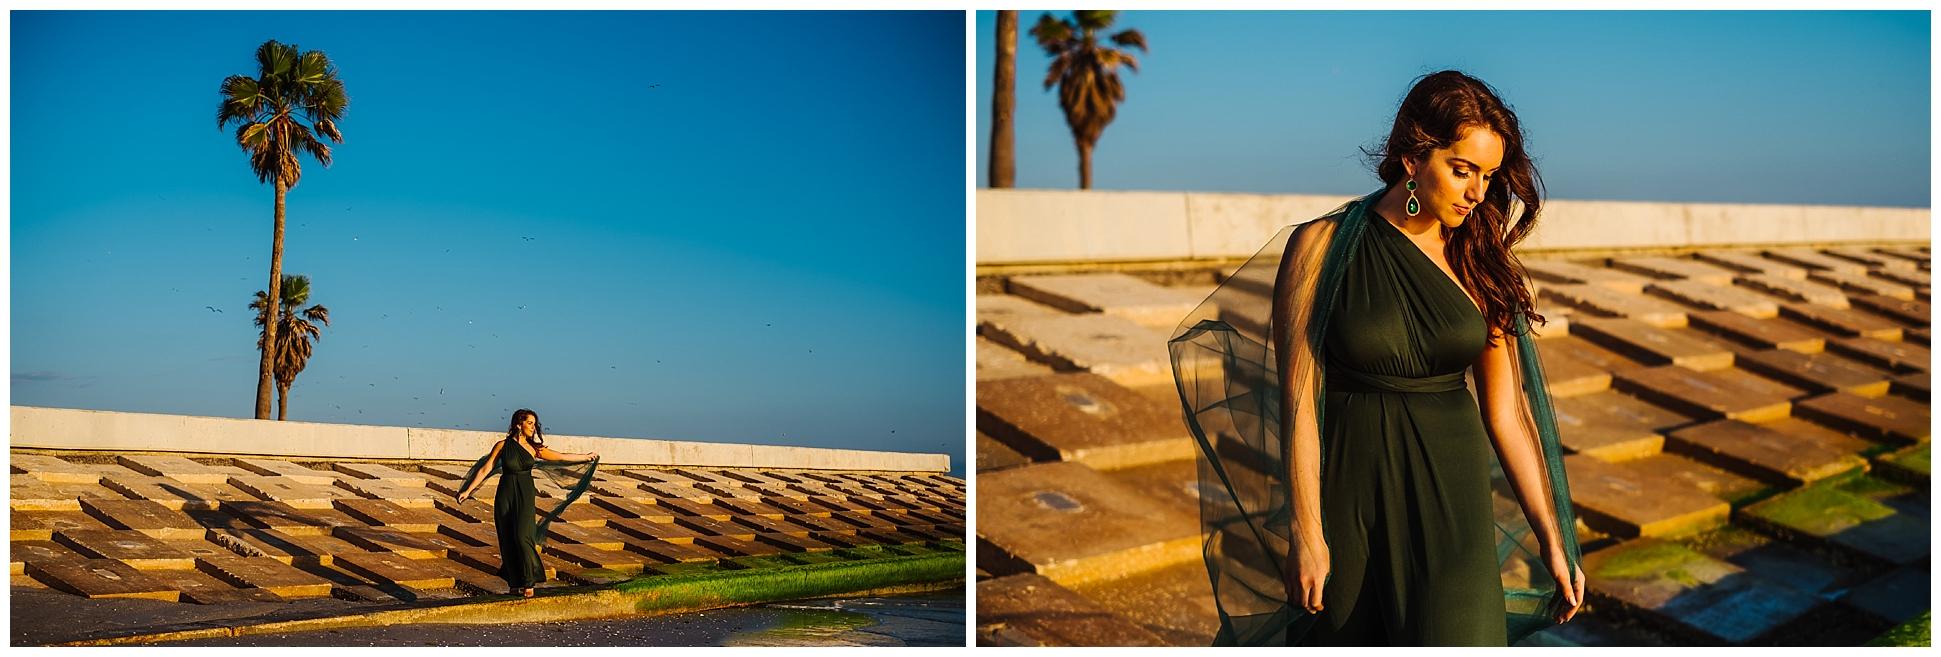 tampa-fort de soto-beach-green dress-water-love-engagement_0037.jpg